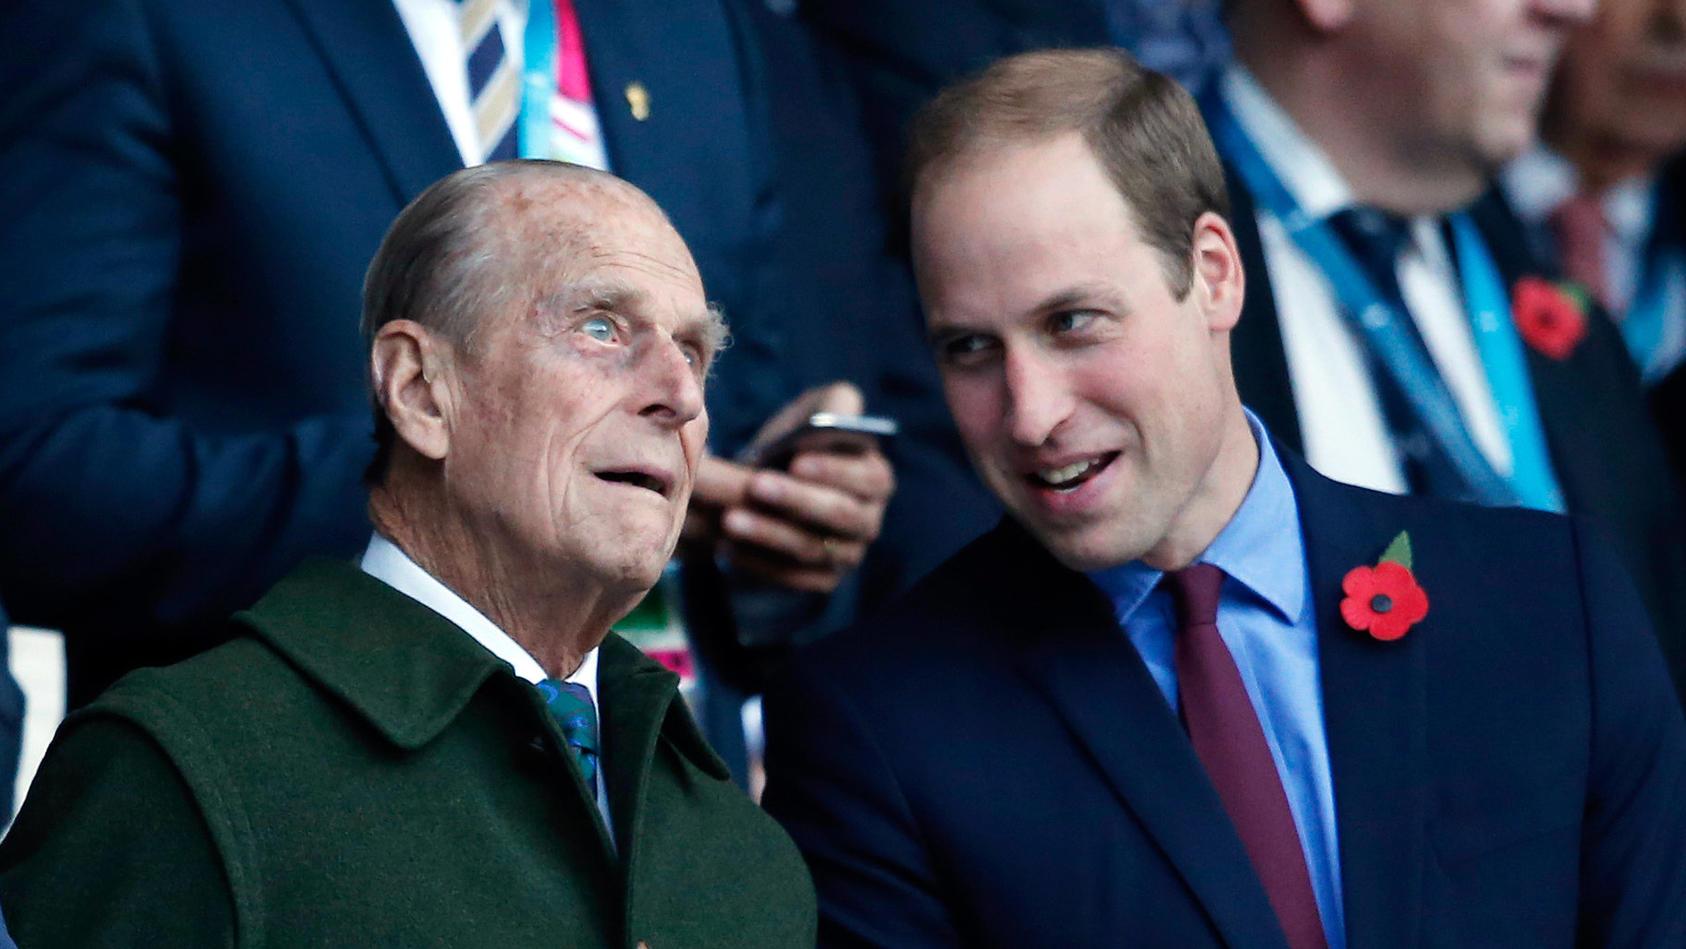 Prinz William nimmt mit emotionalen Worten Abschied von seinem Großvater Prinz Philip, dem Herzog von Edinburgh.